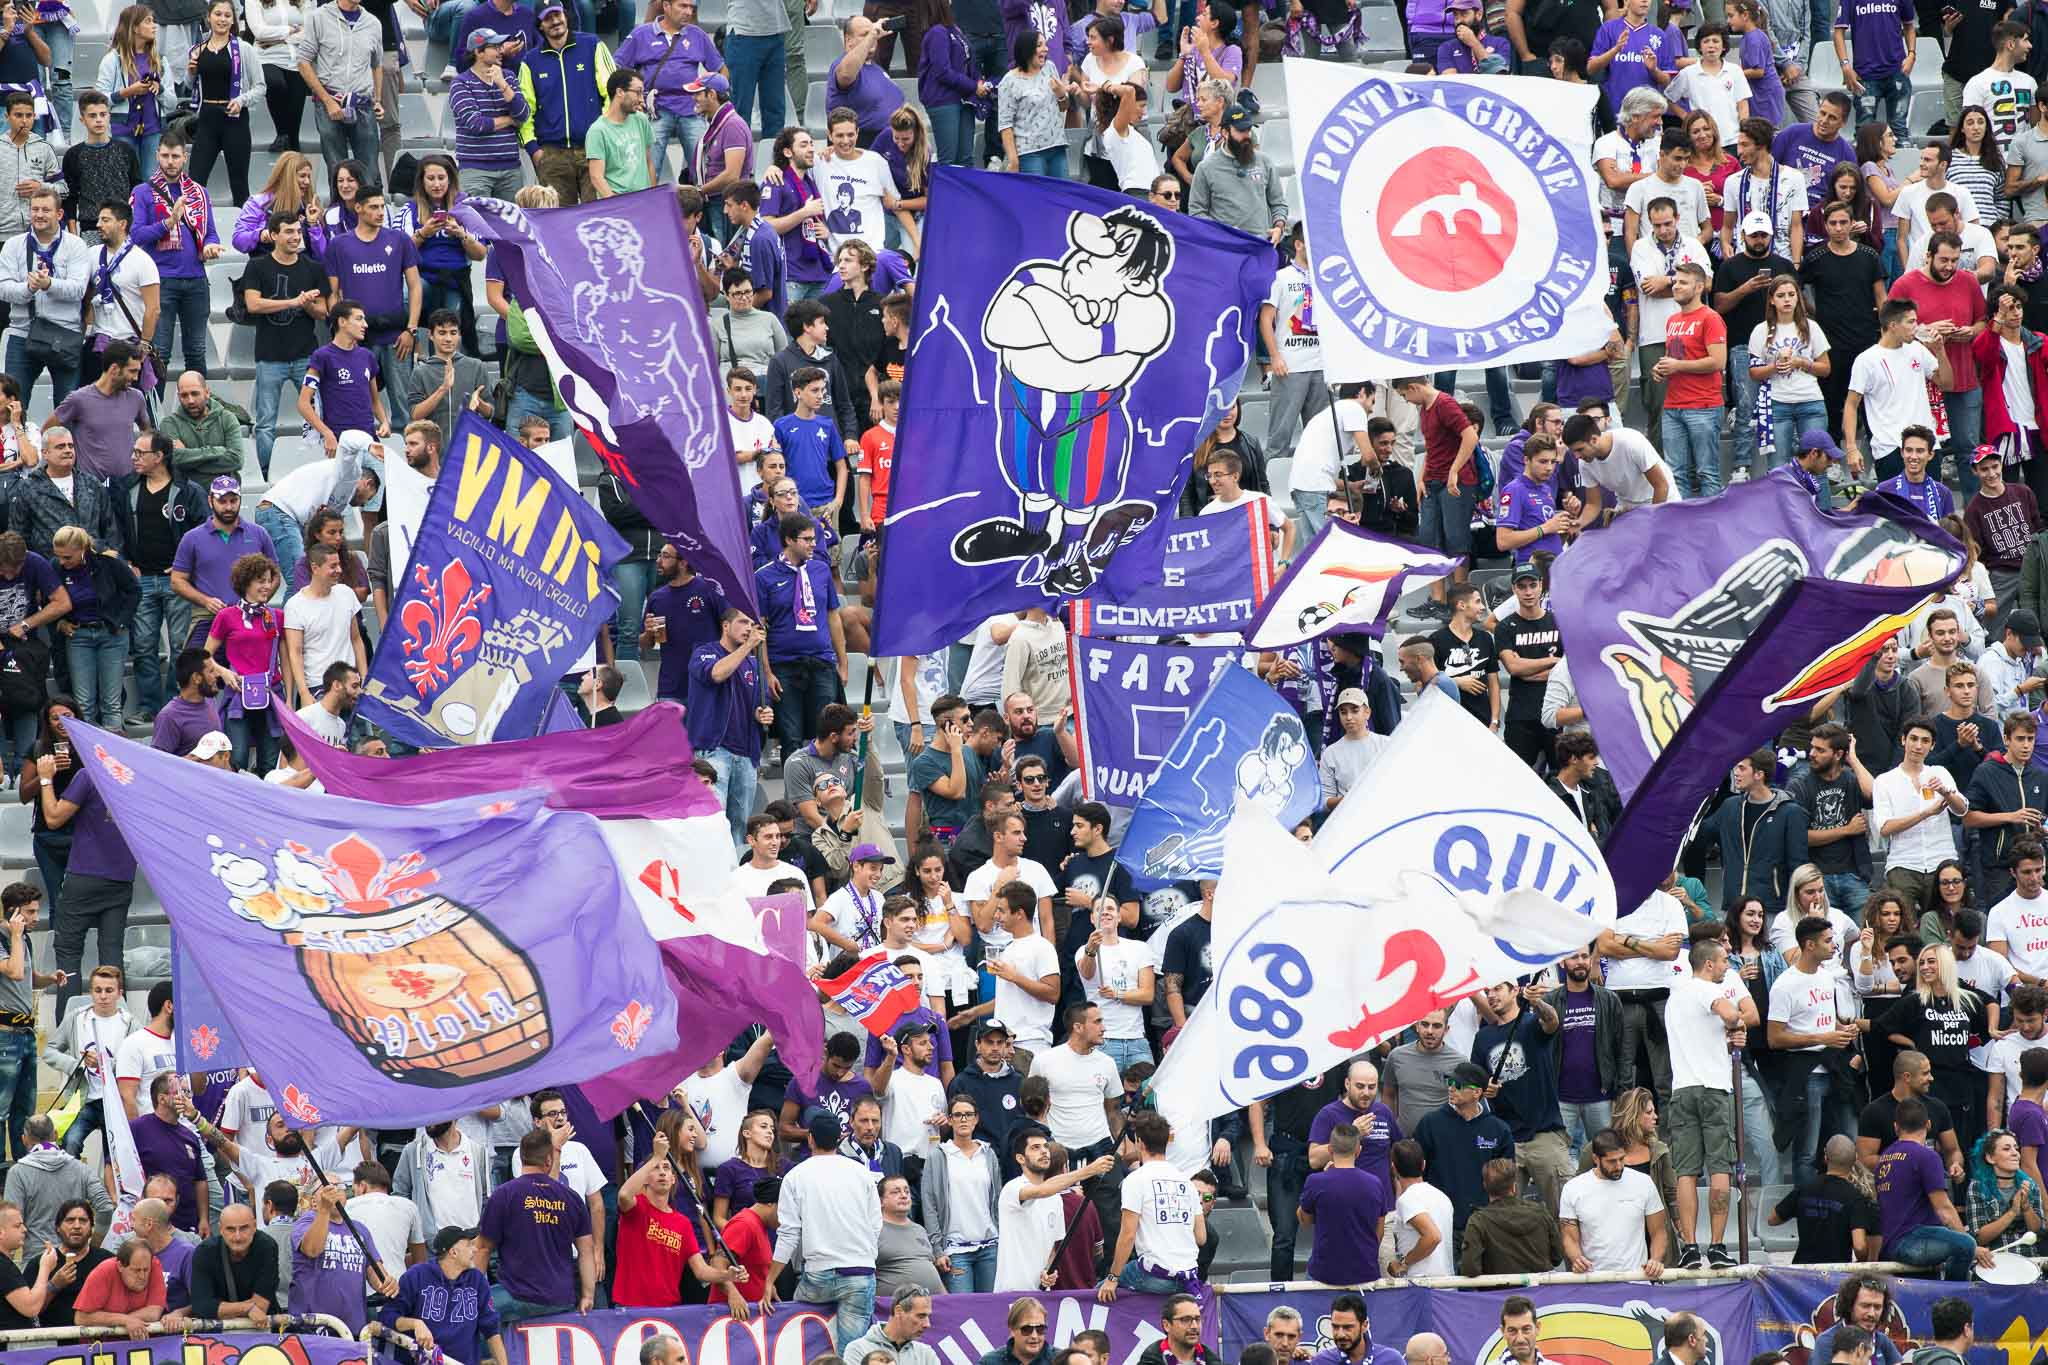 Abbonamenti: quasi 3.000 tessere in meno per un calo del 15% che vale il 5° posto in Serie A